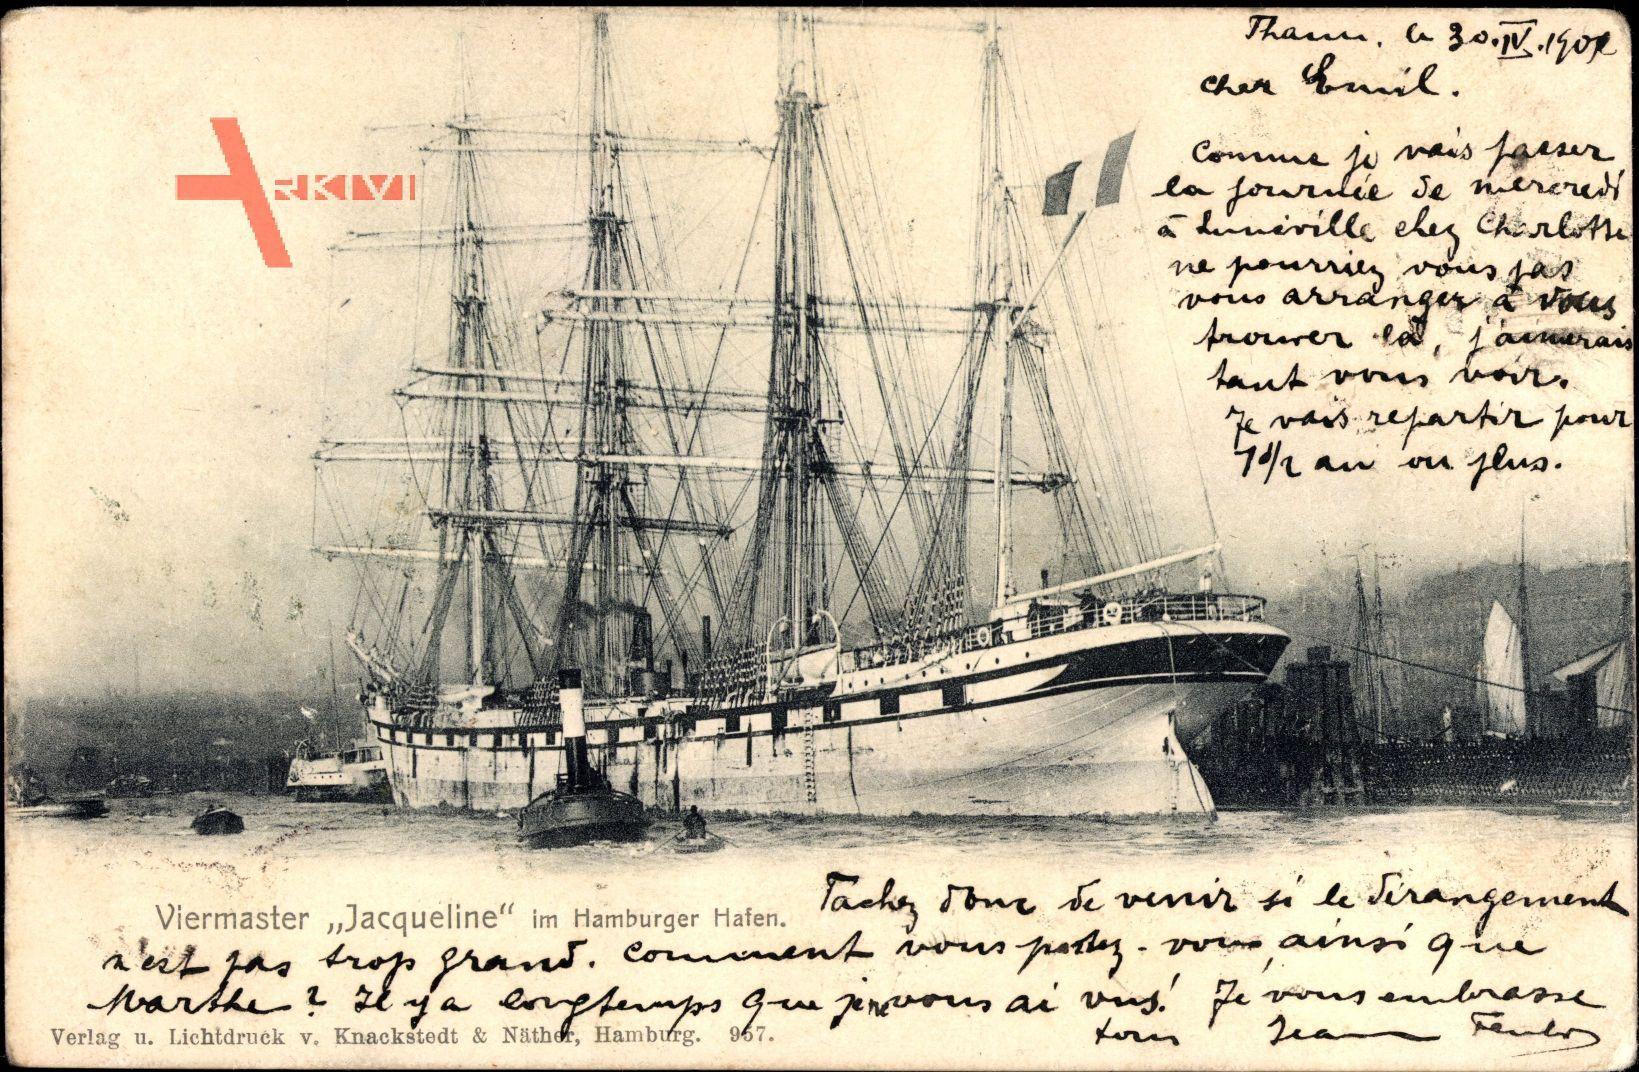 Viermaster Jacqueline im Hamburger Hafen, Viermastbark, Segelschiff